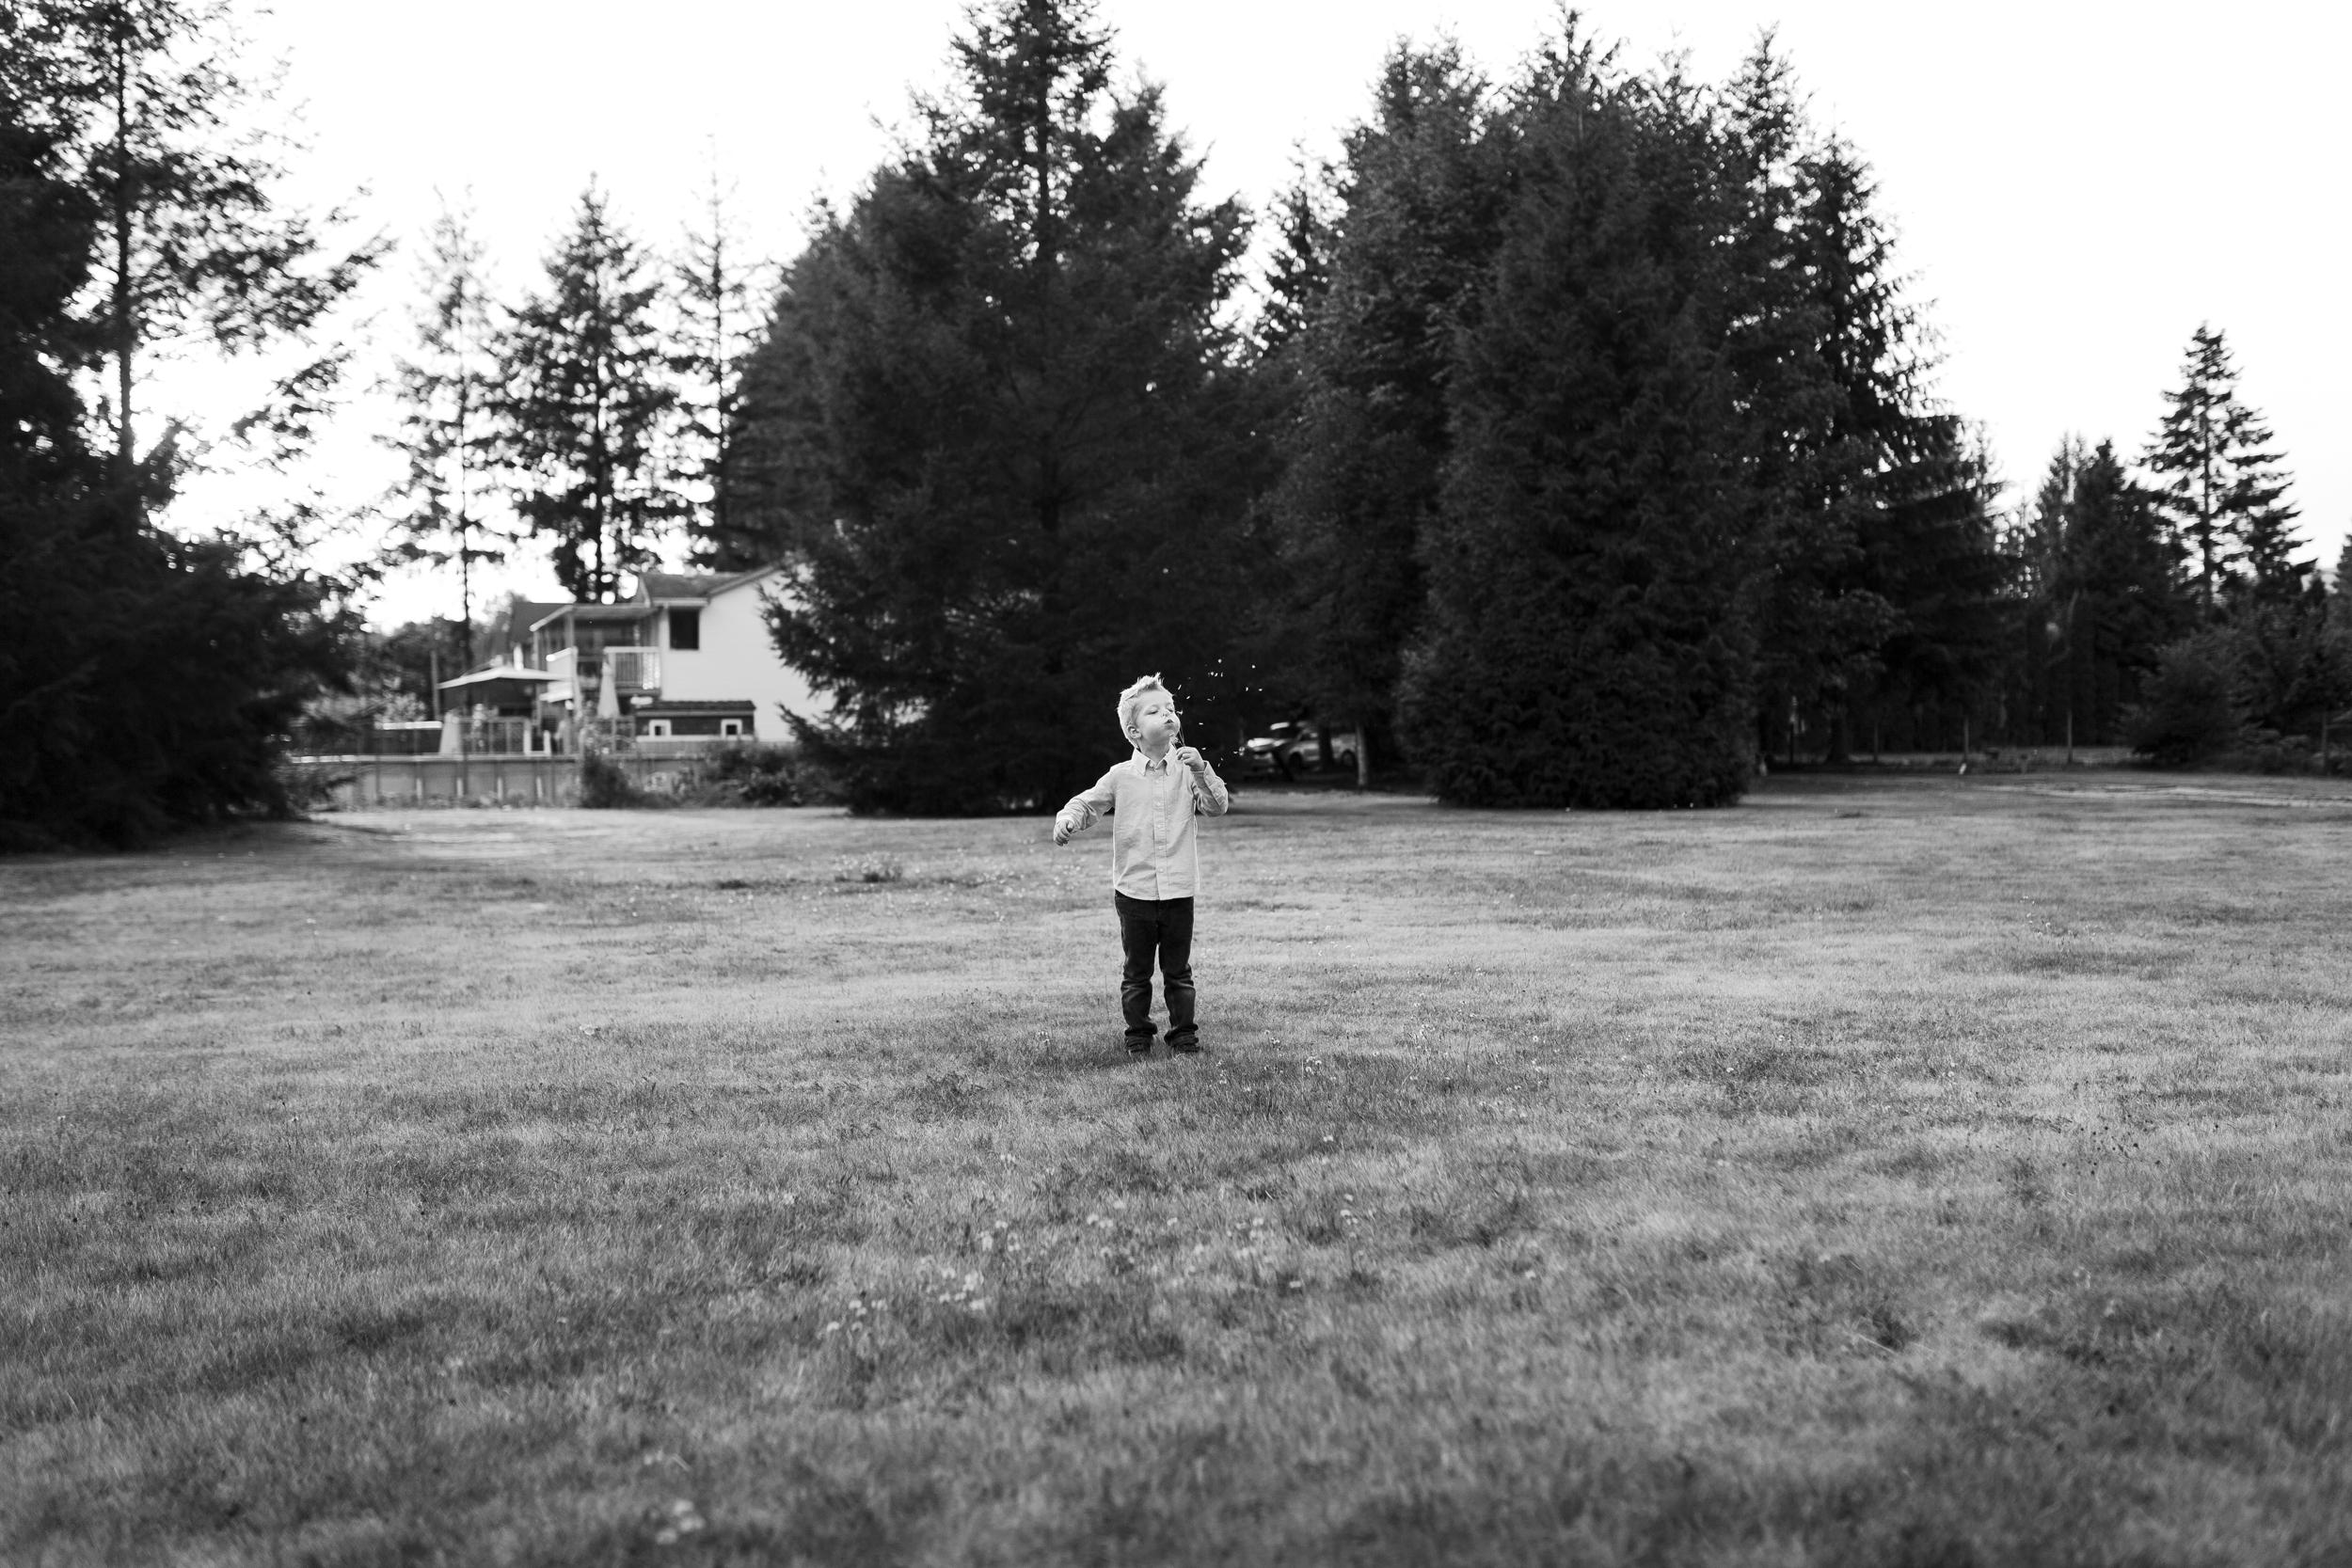 family-documentary-photography-fraser-valley-ott-008.jpg